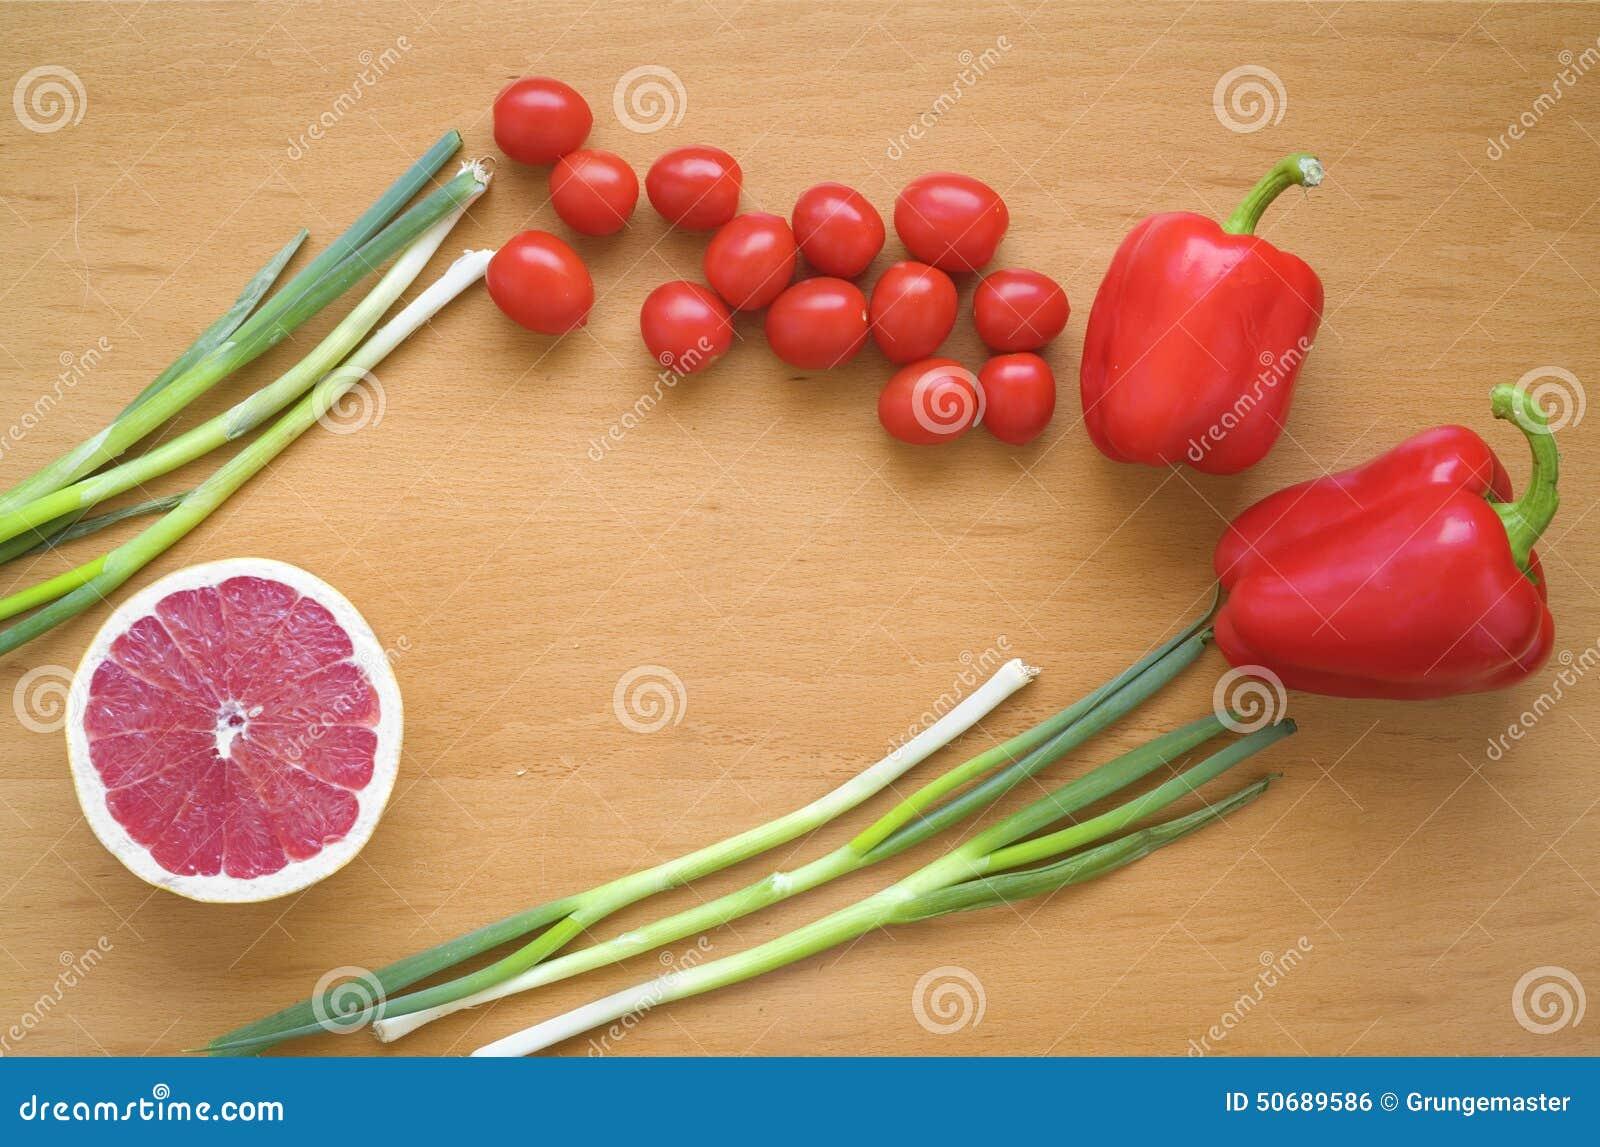 Download 健康概念的食物 库存照片. 图片 包括有 膳食, 胡椒, 食物, 蕃茄, 响铃, 本质, 草本, 烹调, 晚饭 - 50689586